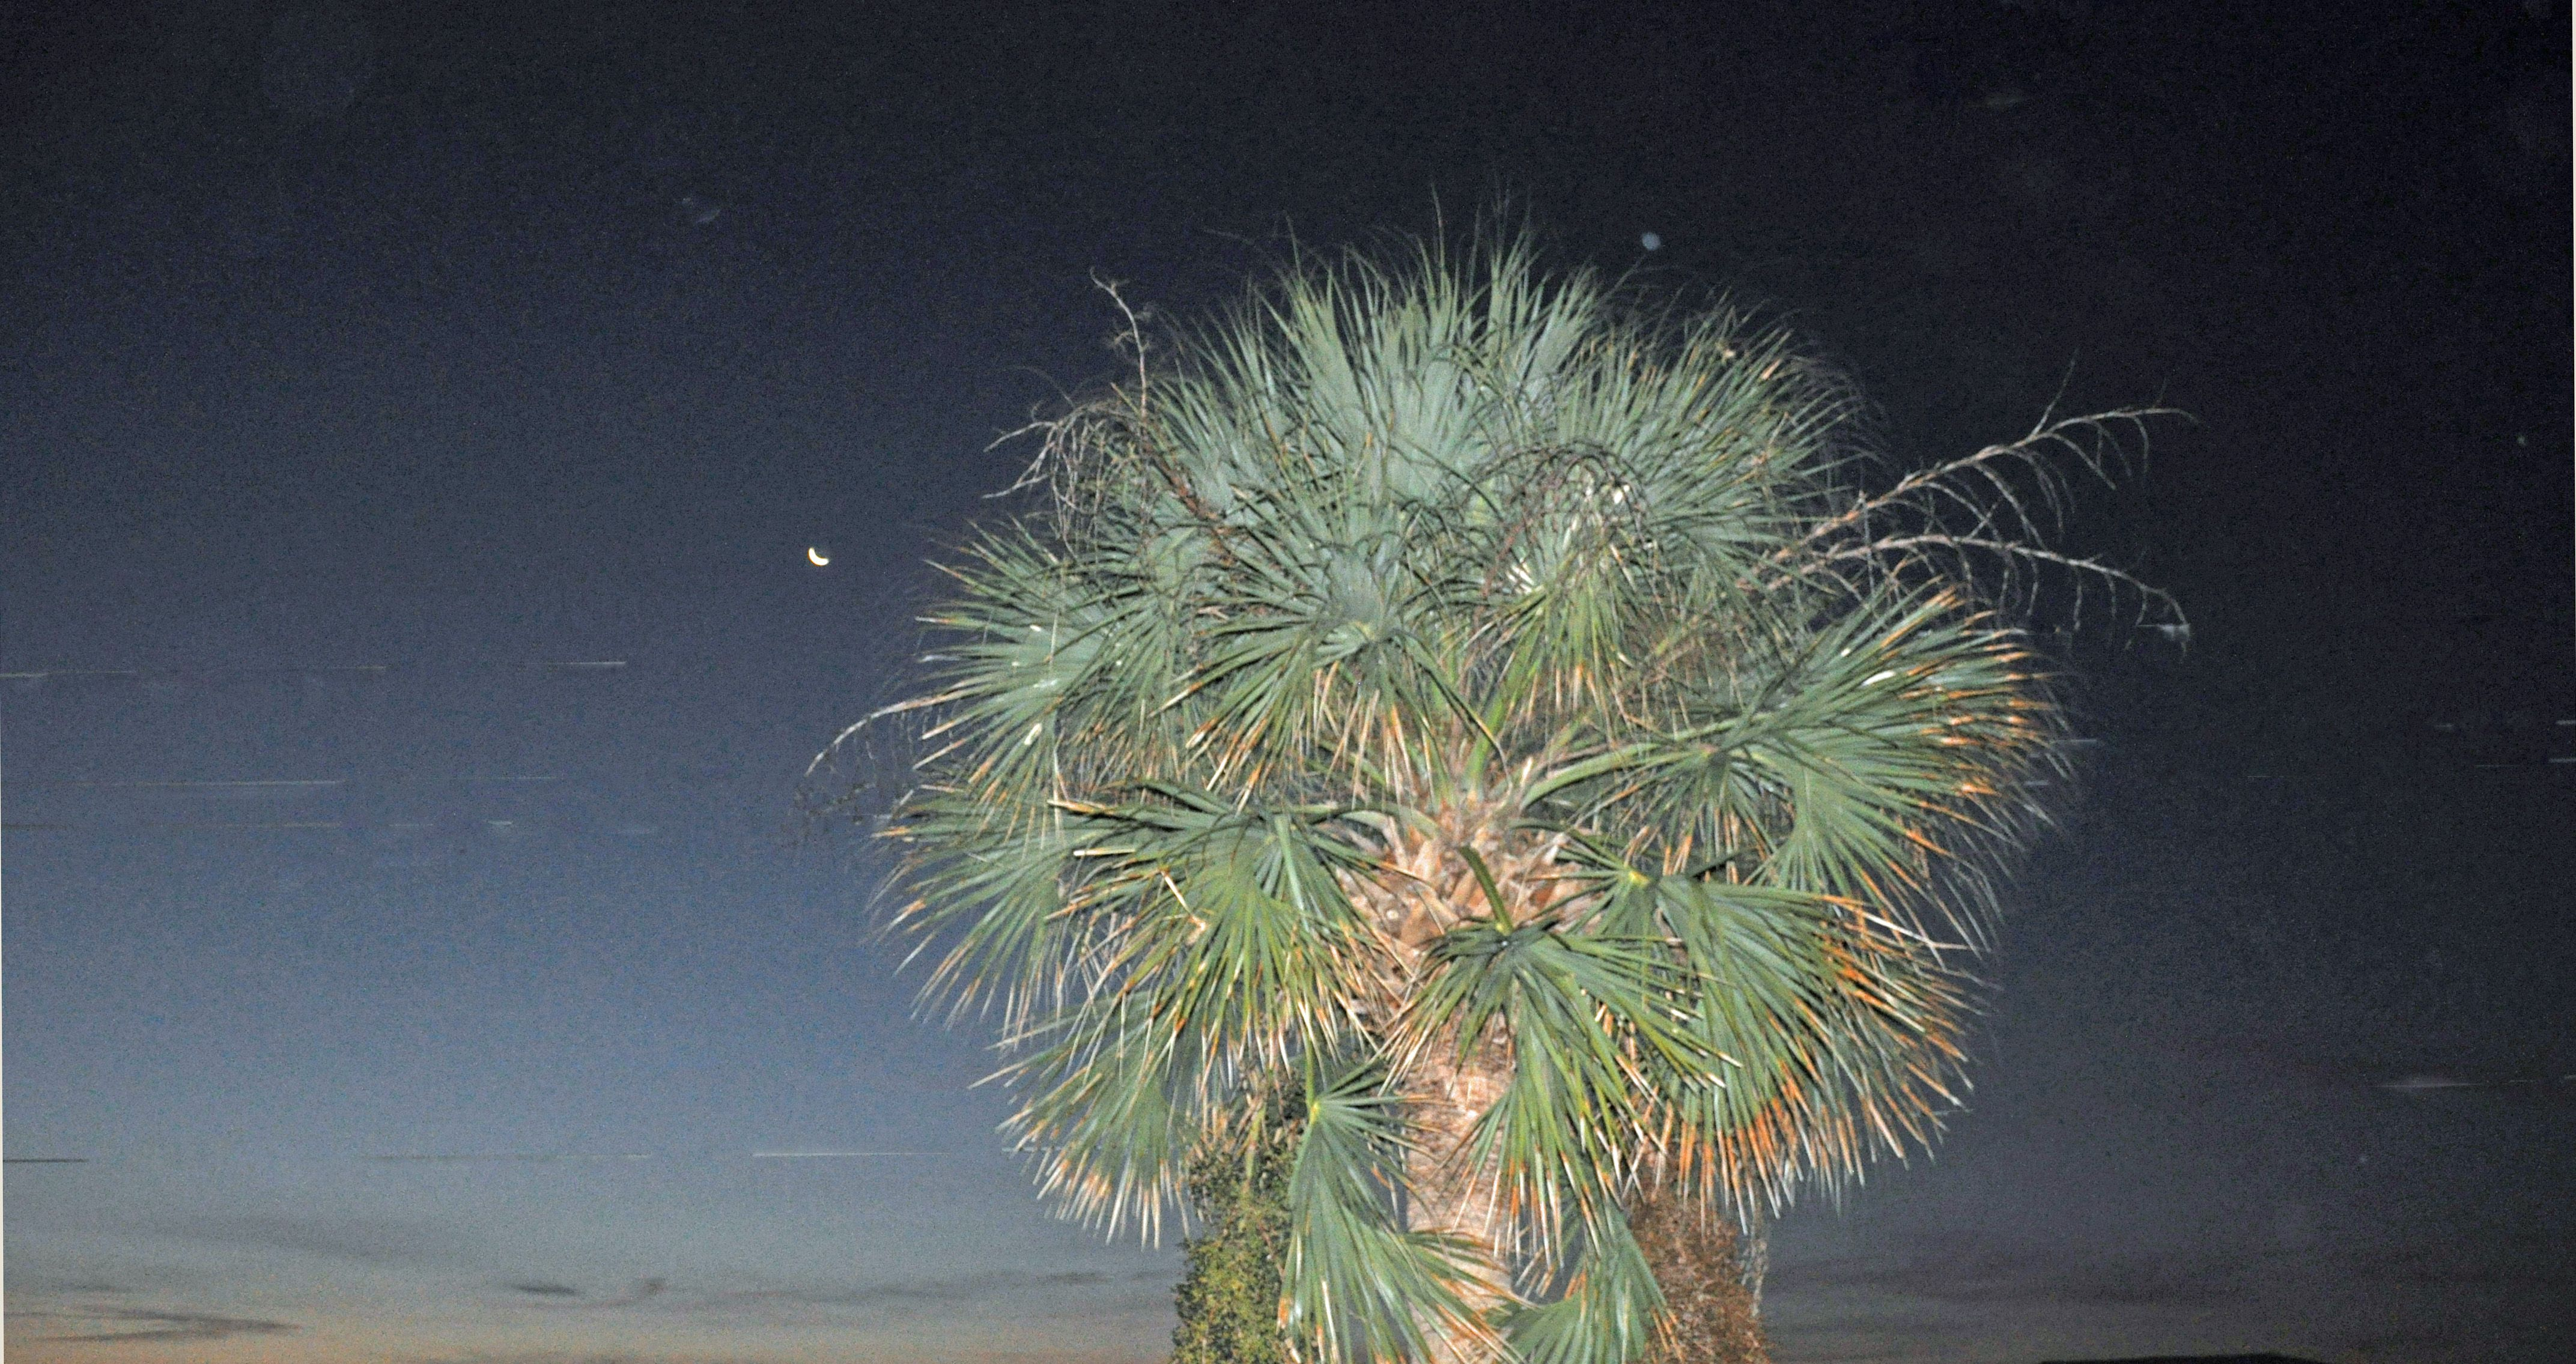 Palmetto and Crescent Moon on Palmetto at Edisto Beach, SC